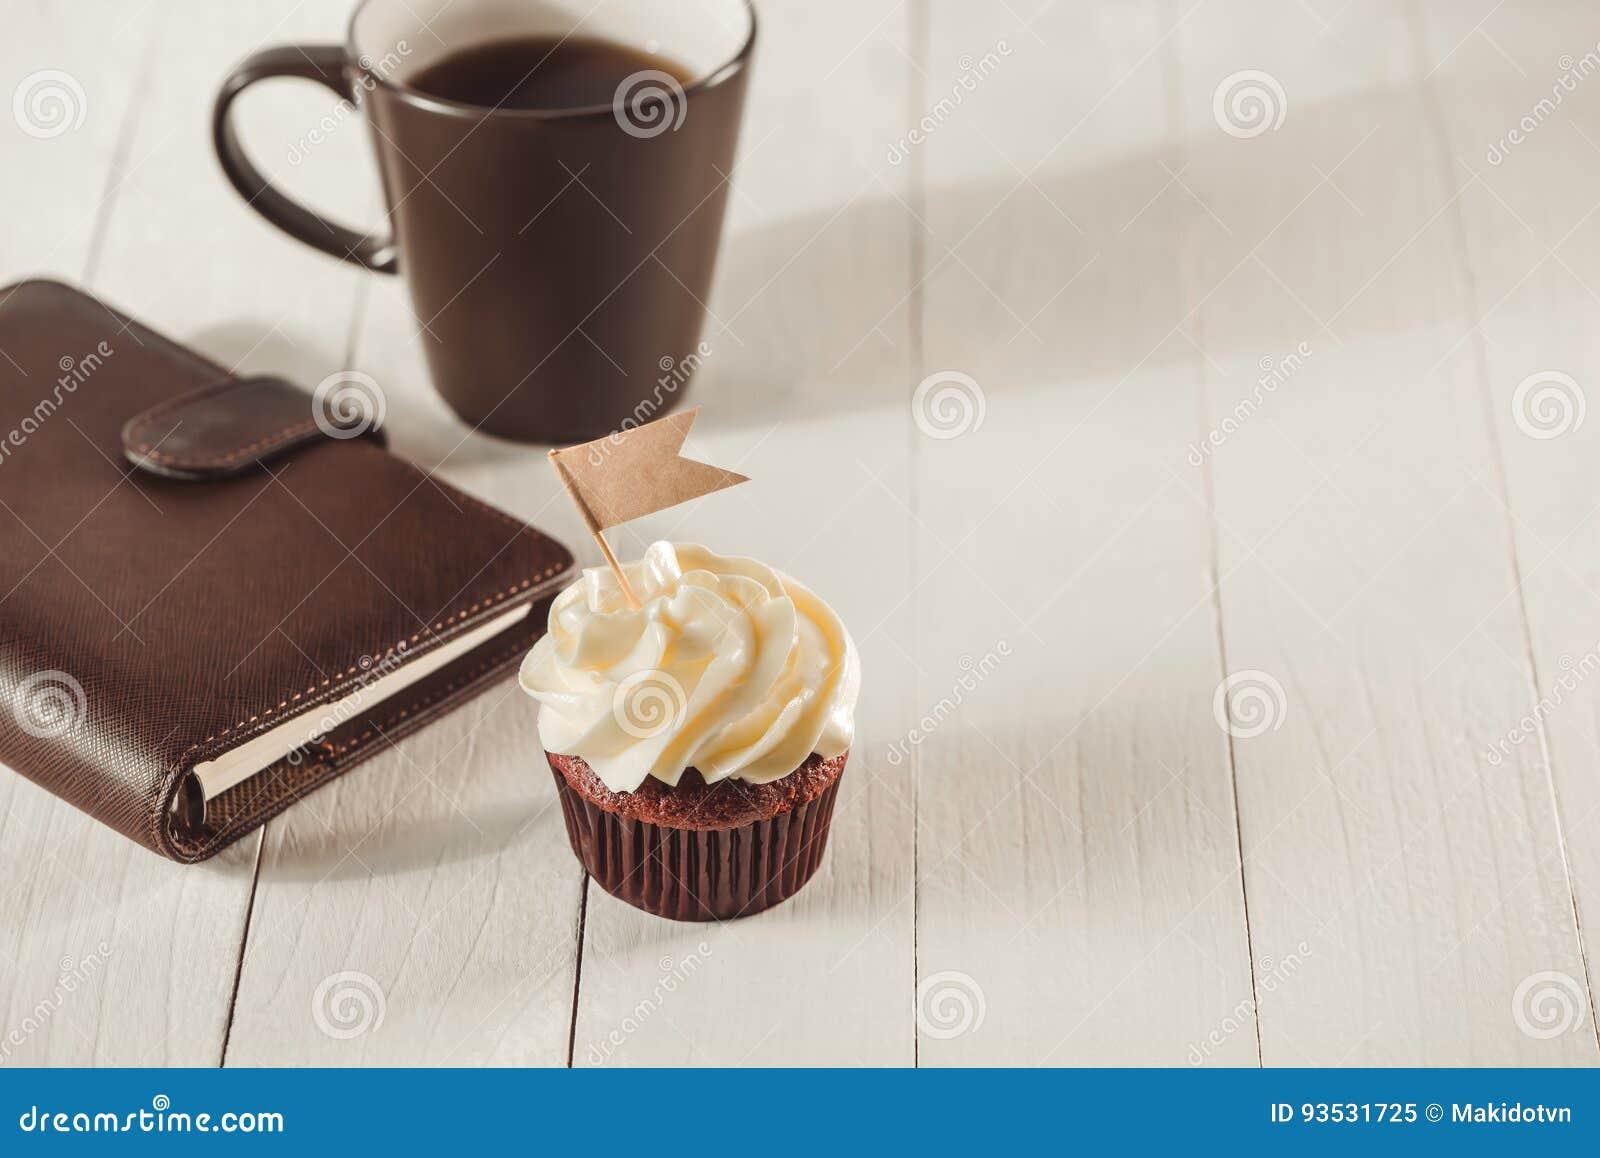 父亲节概念 可口创造性的杯形蛋糕和杯子coffe